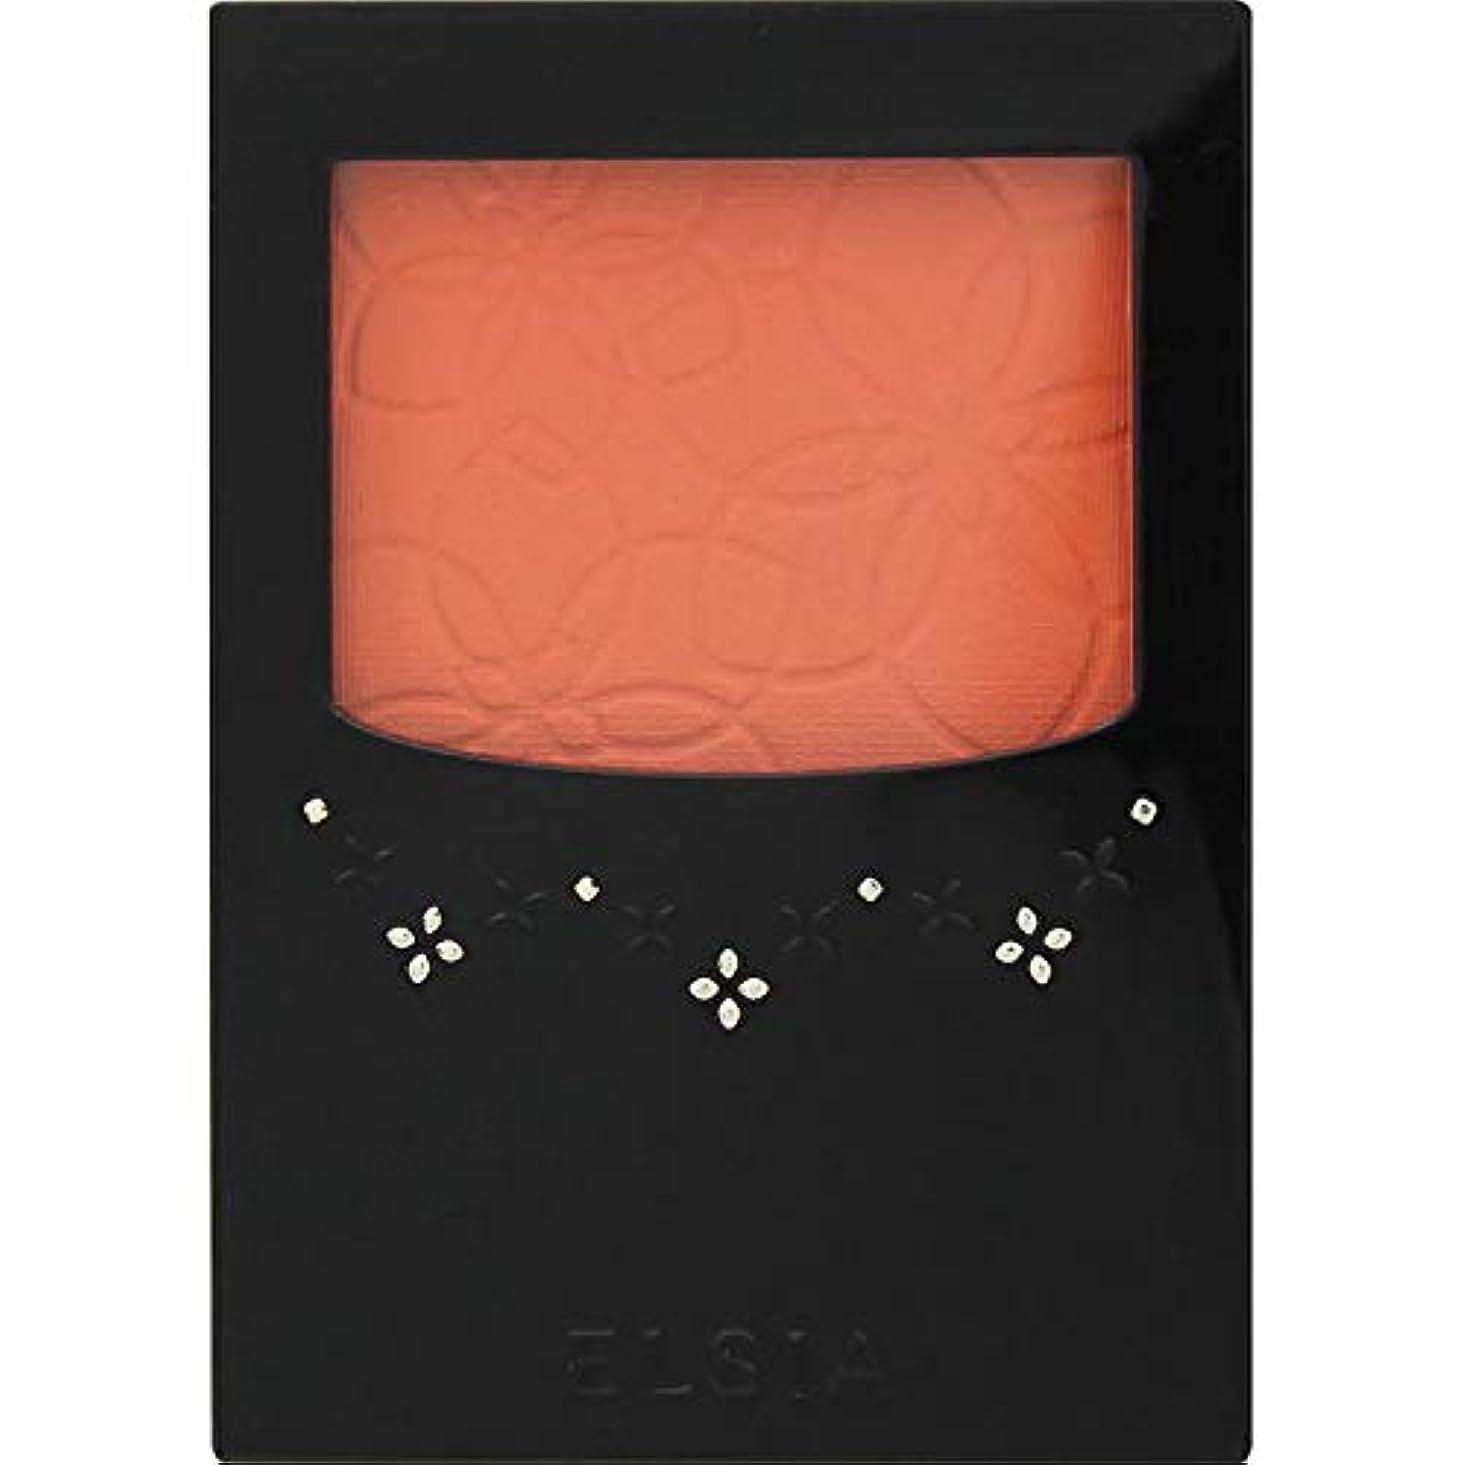 シャイニングタール永久にエルシア プラチナム 明るさ&血色アップ チークカラー オレンジ系 OR200 3.5g